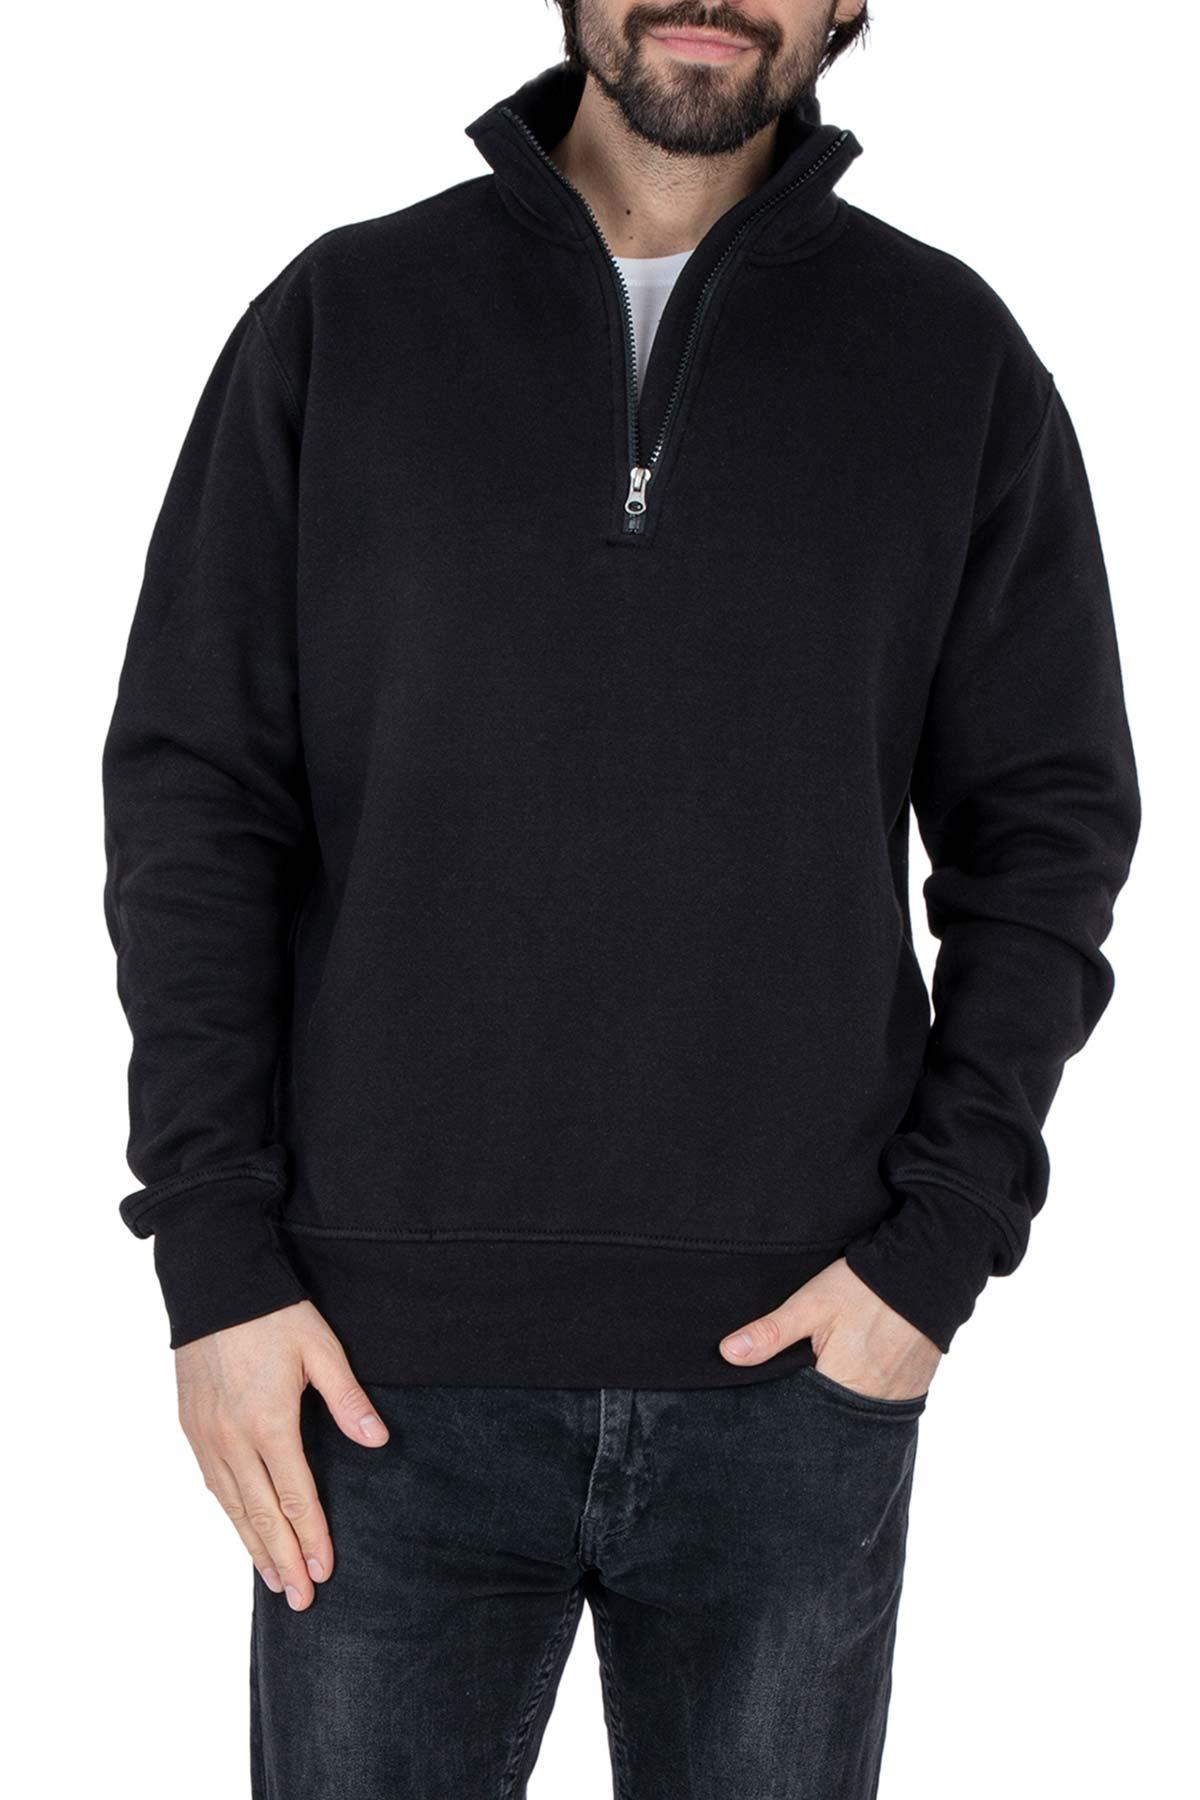 Herren Pullover 1/4 Zip Reißverschluss Canada